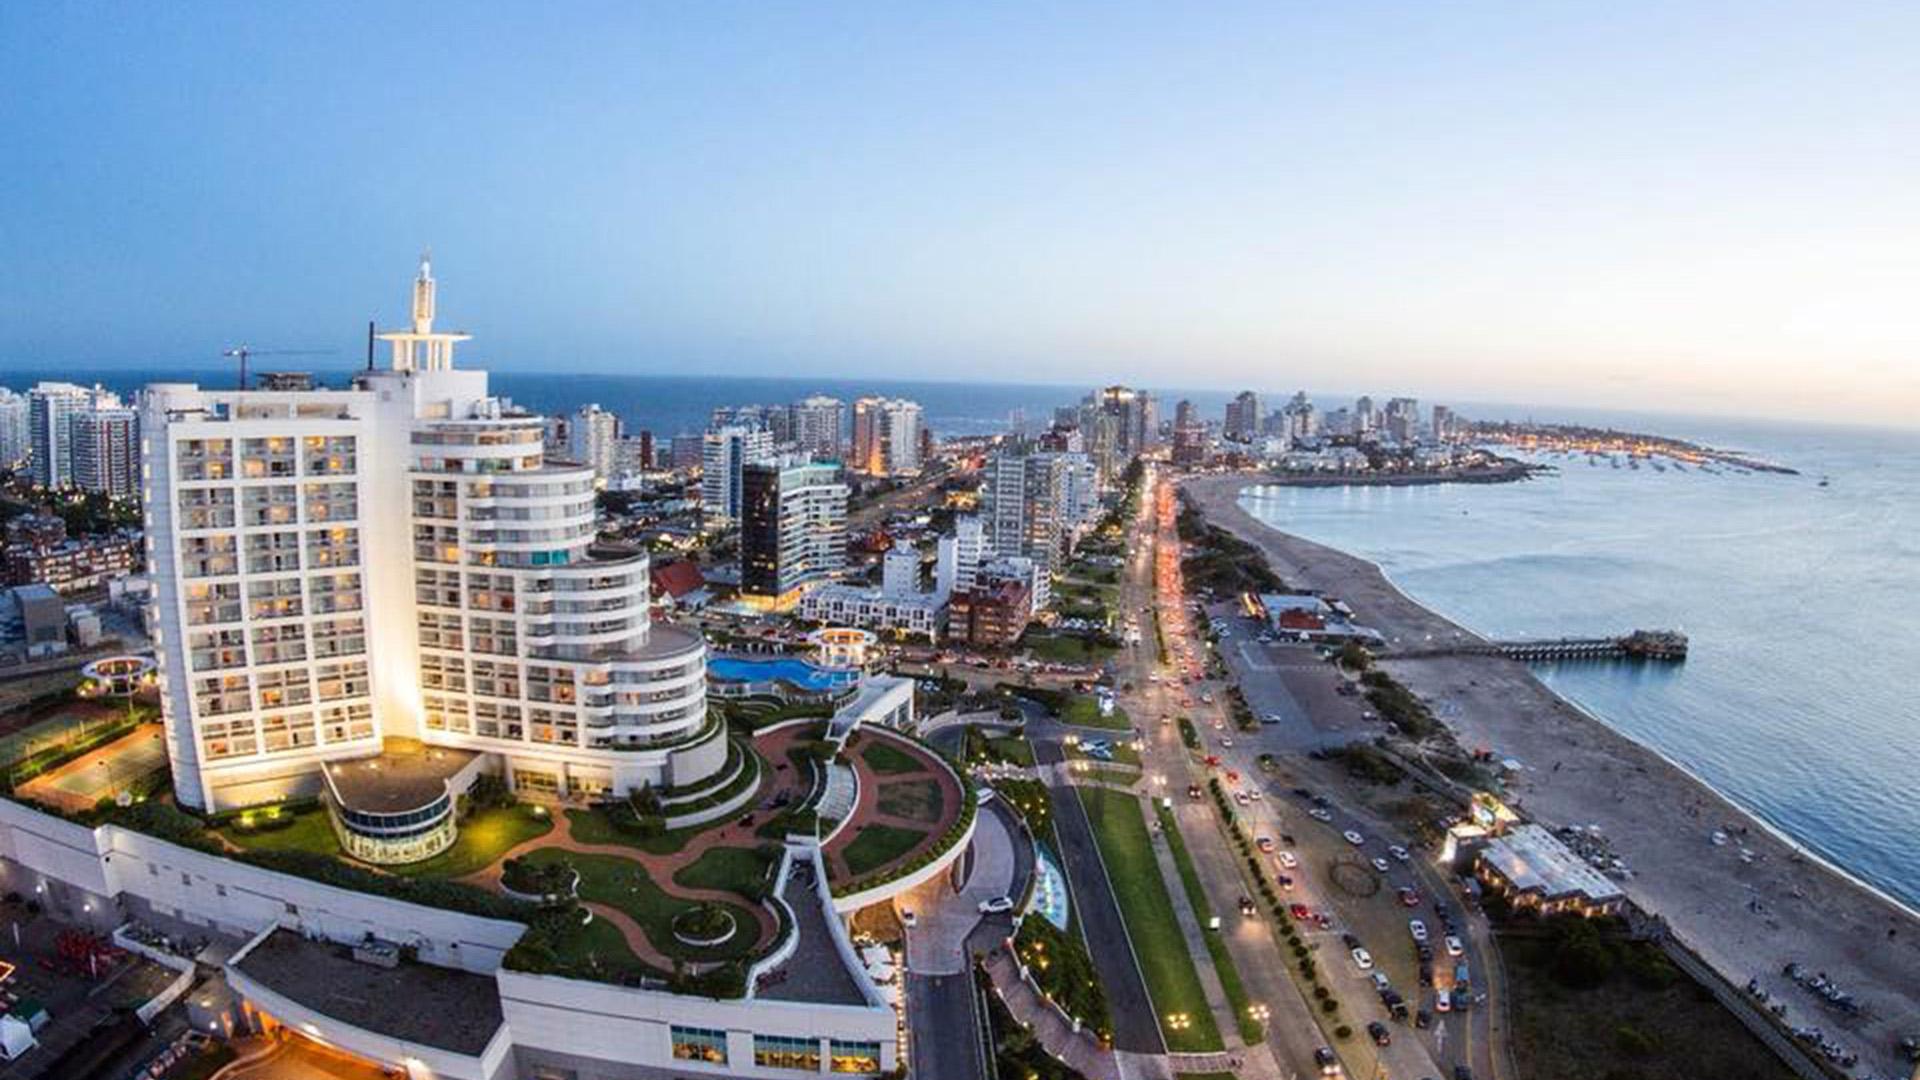 Uruguay piensa abrir fronteras al turismo: qué requisitos pedirá para viajar